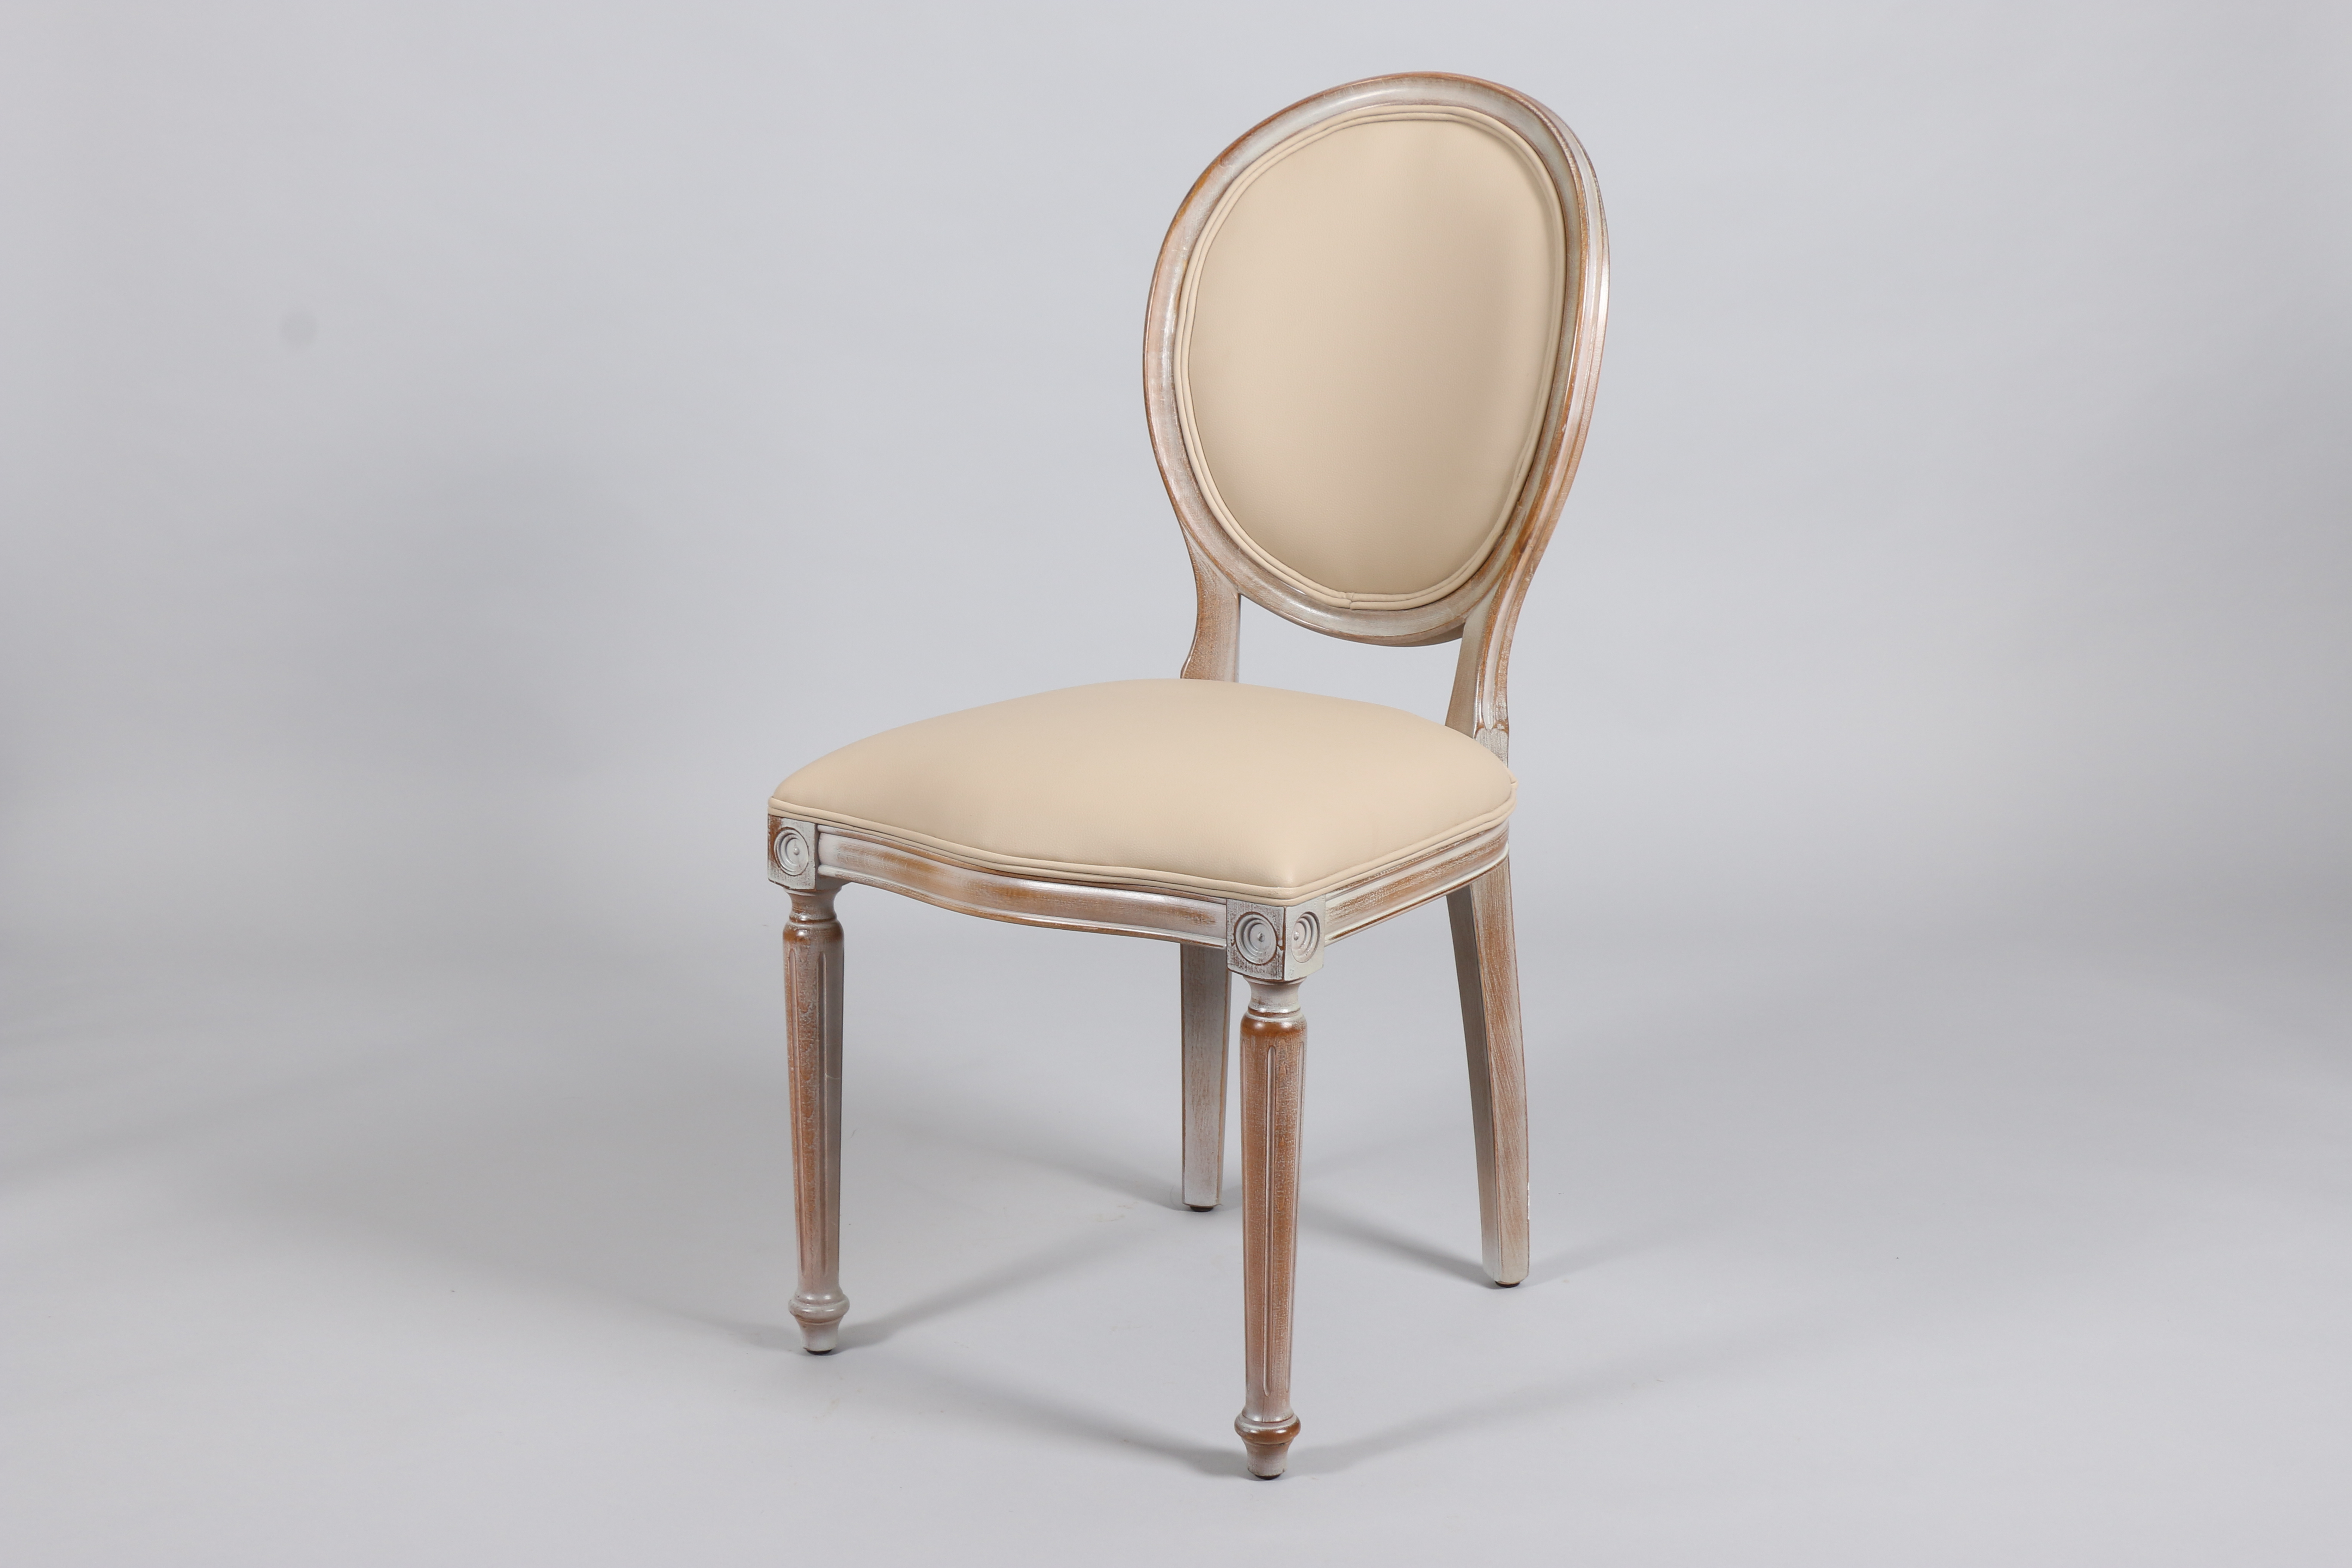 дървен стол Одеса,състарено дърво